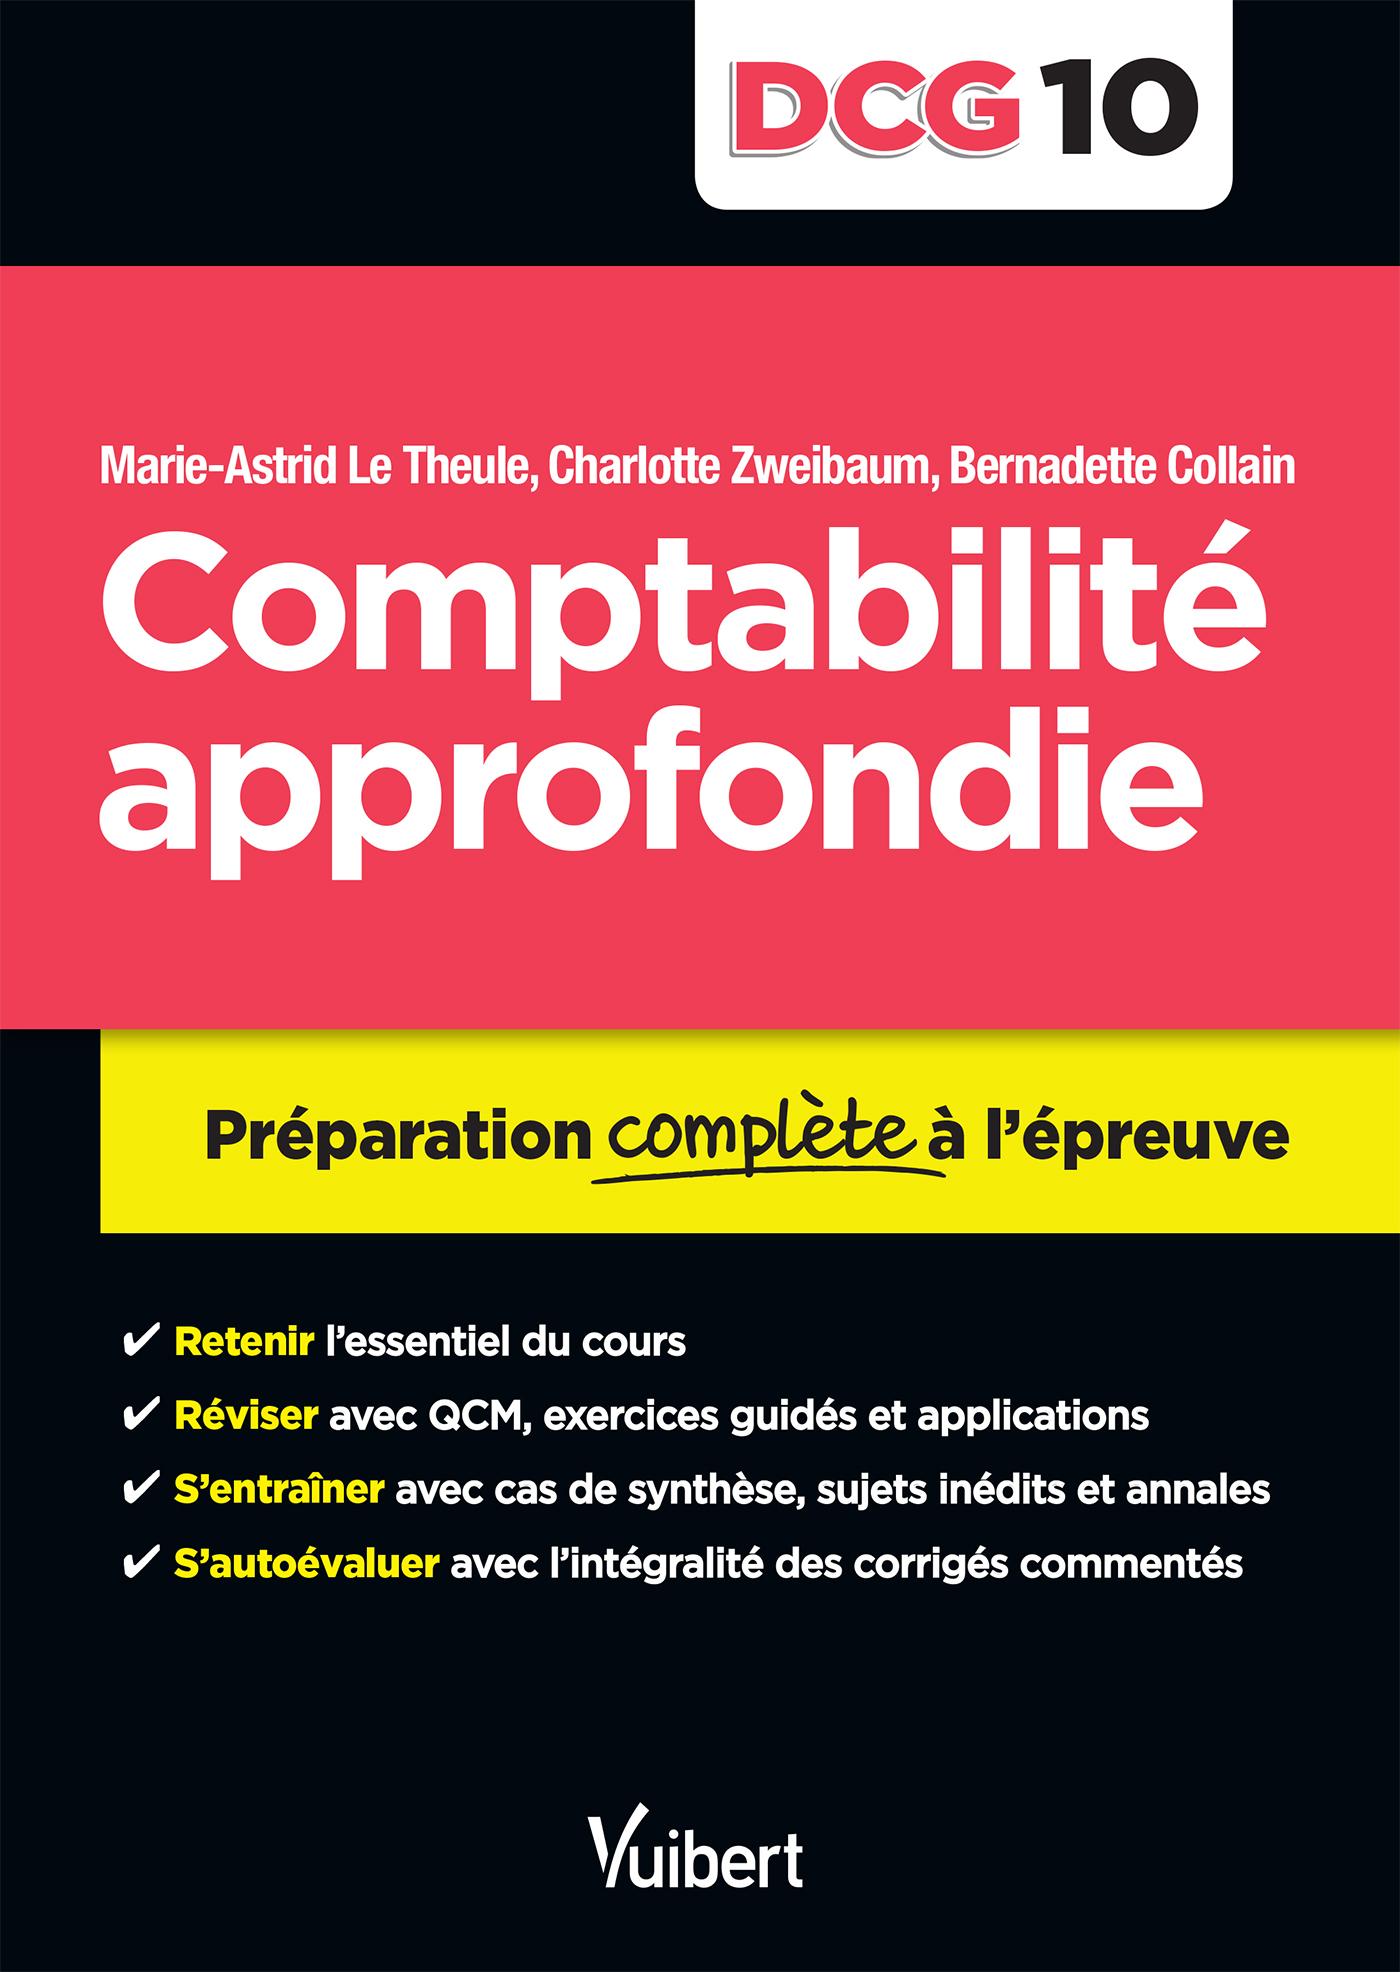 DCG 10 COMPTABILITE APPROFONDIE